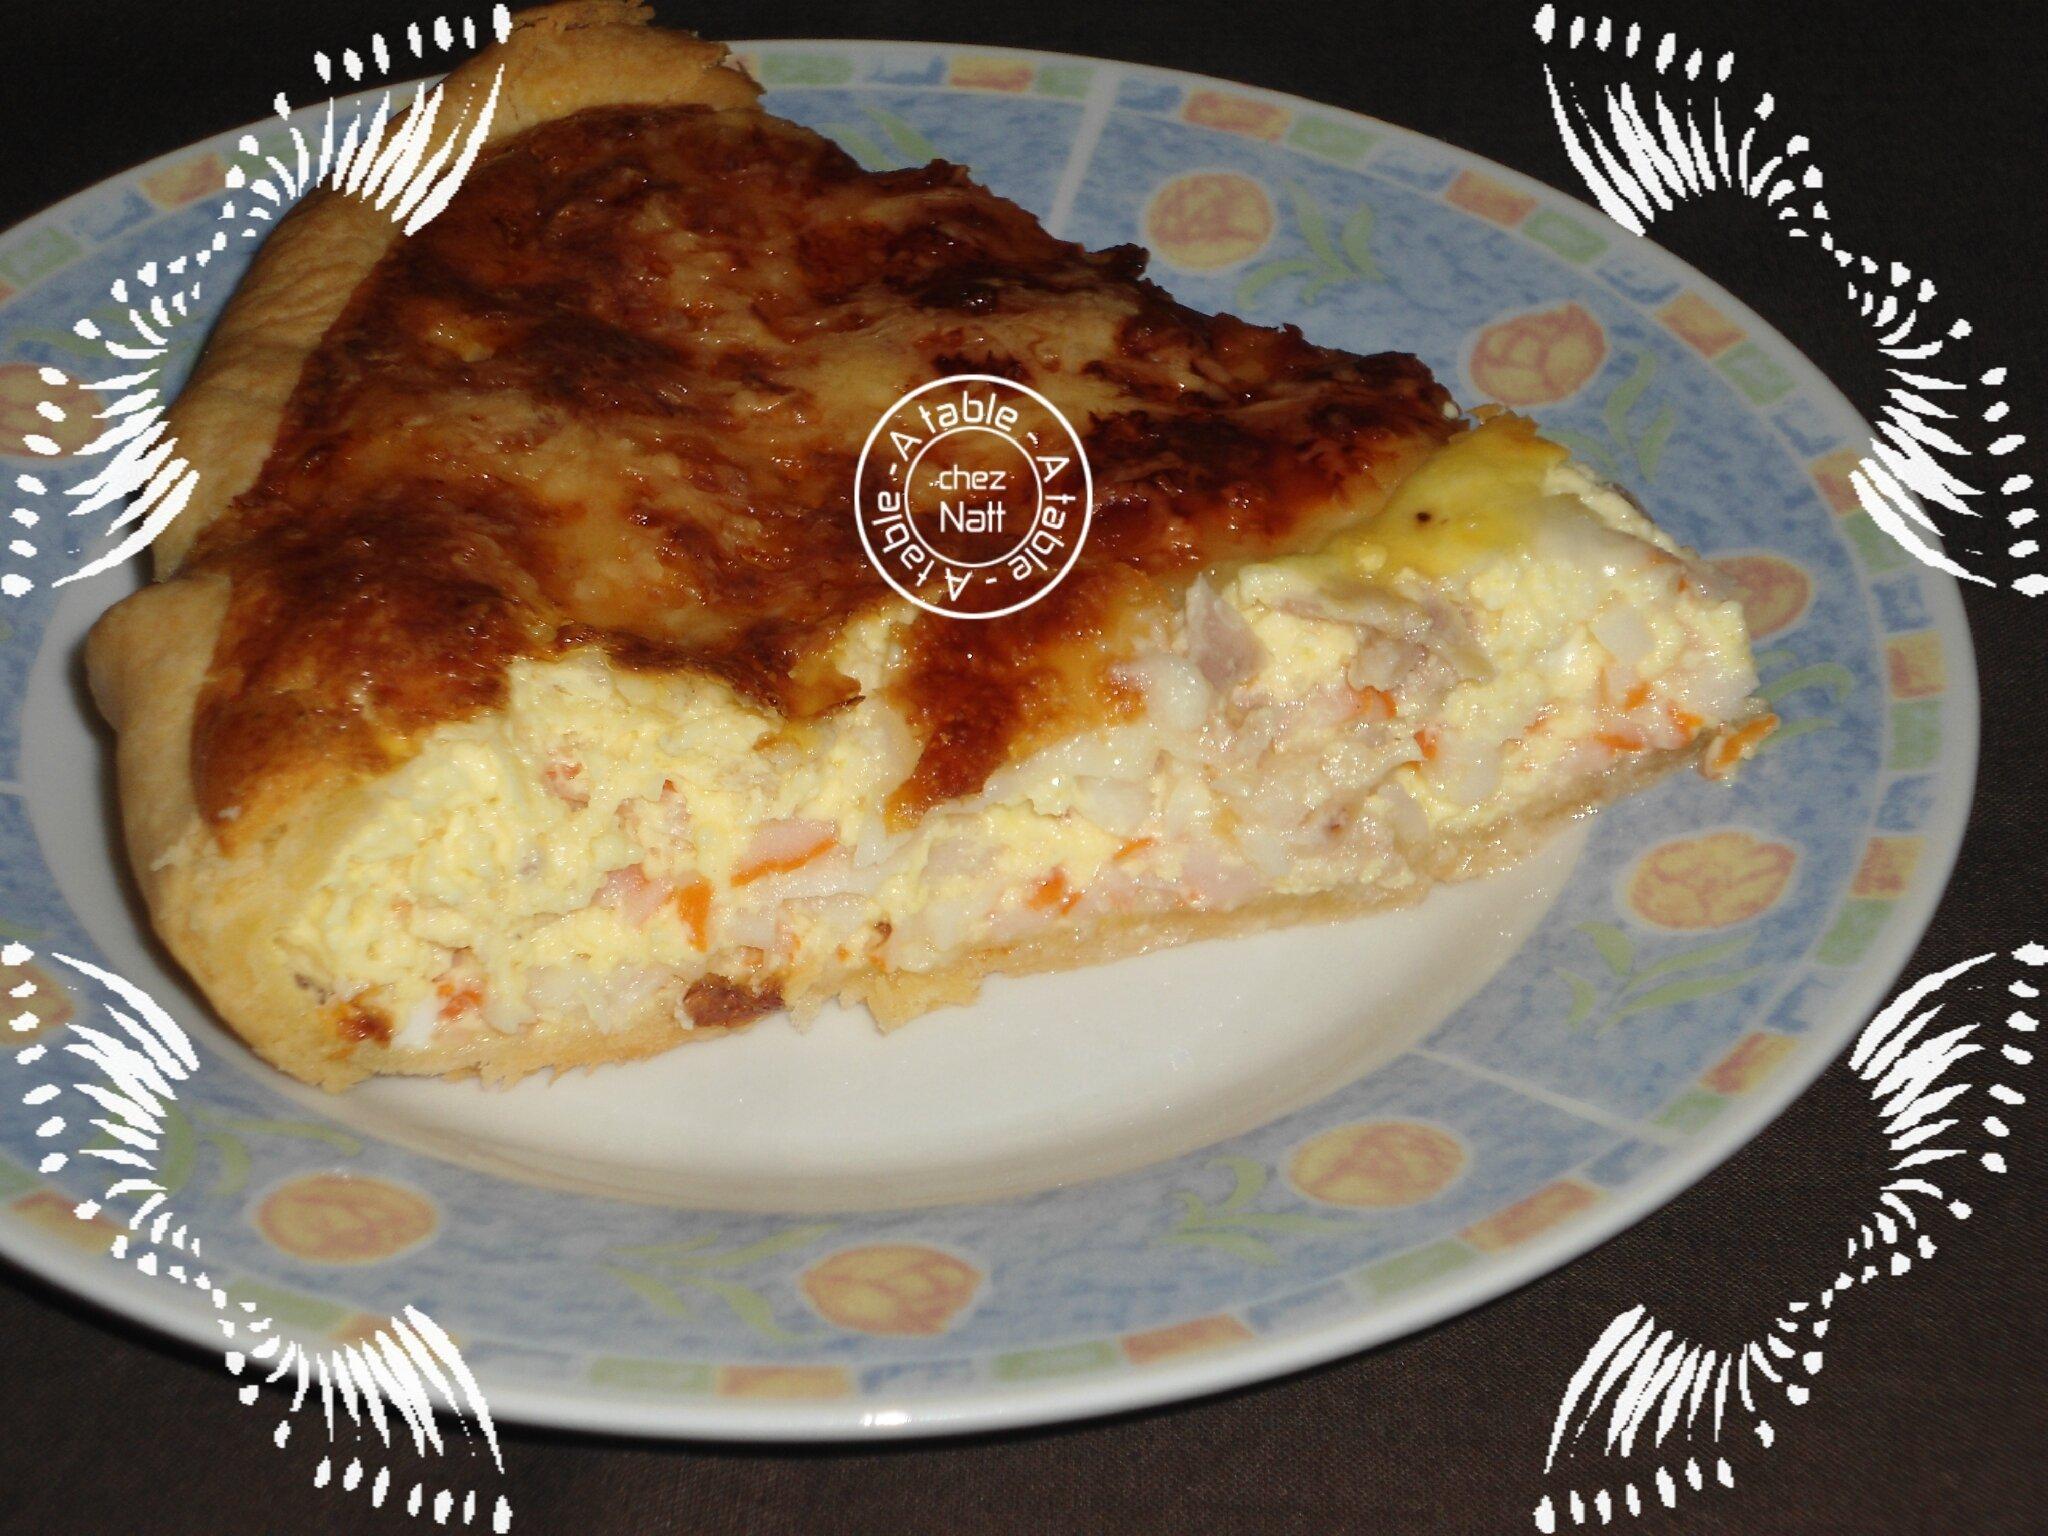 Célèbre Quiche surimi et thon - A table chez Natt UG16